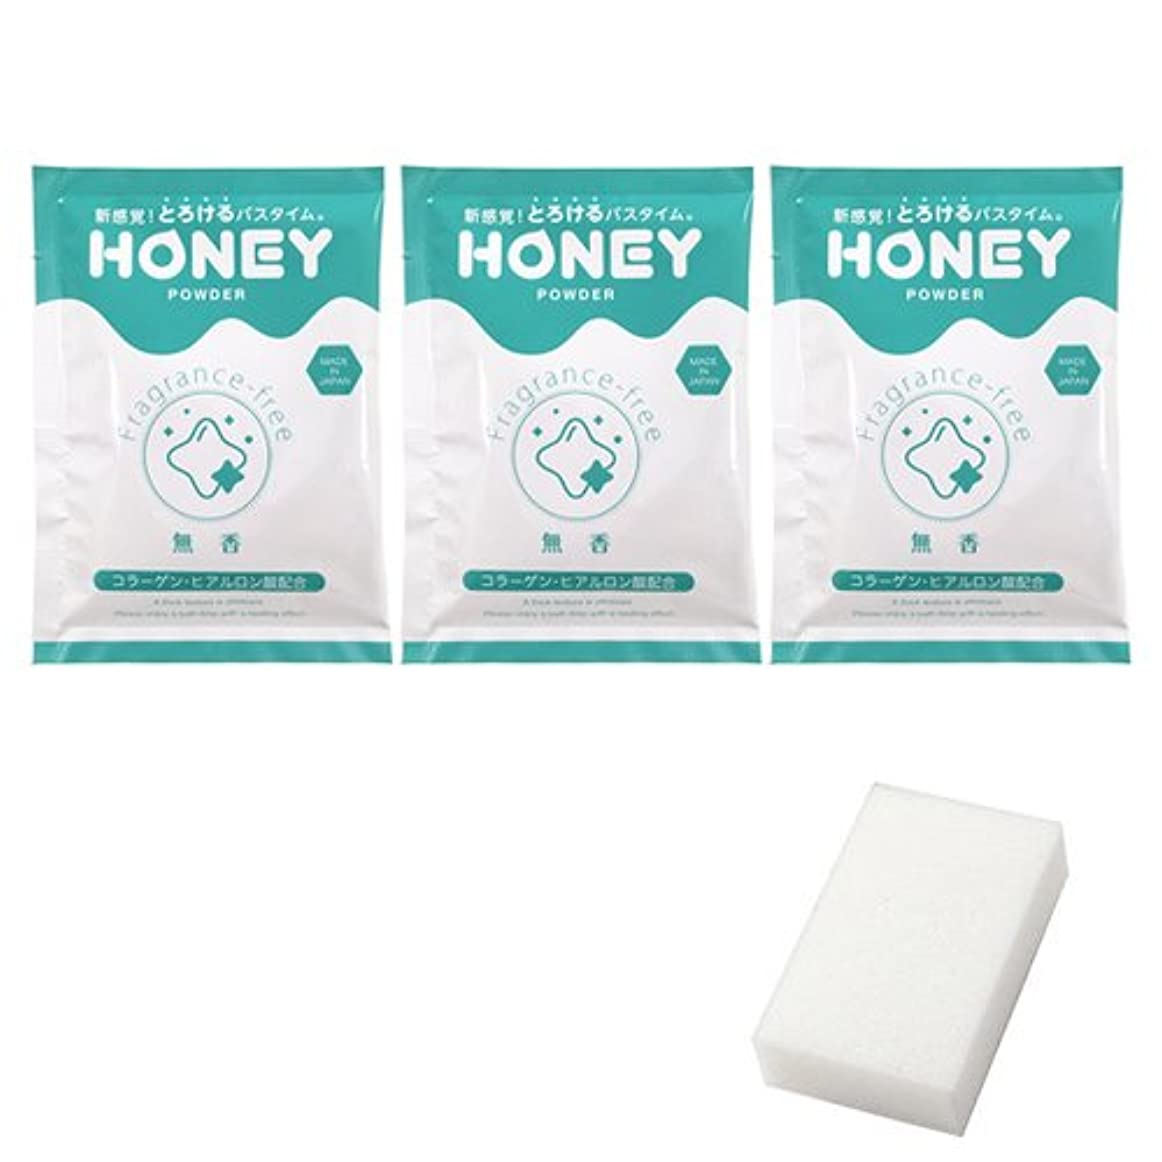 ヒップ文字素晴らしさとろとろ入浴剤【honey powder】(ハニーパウダー) 無香タイプ 3個セット + 圧縮スポンジセット